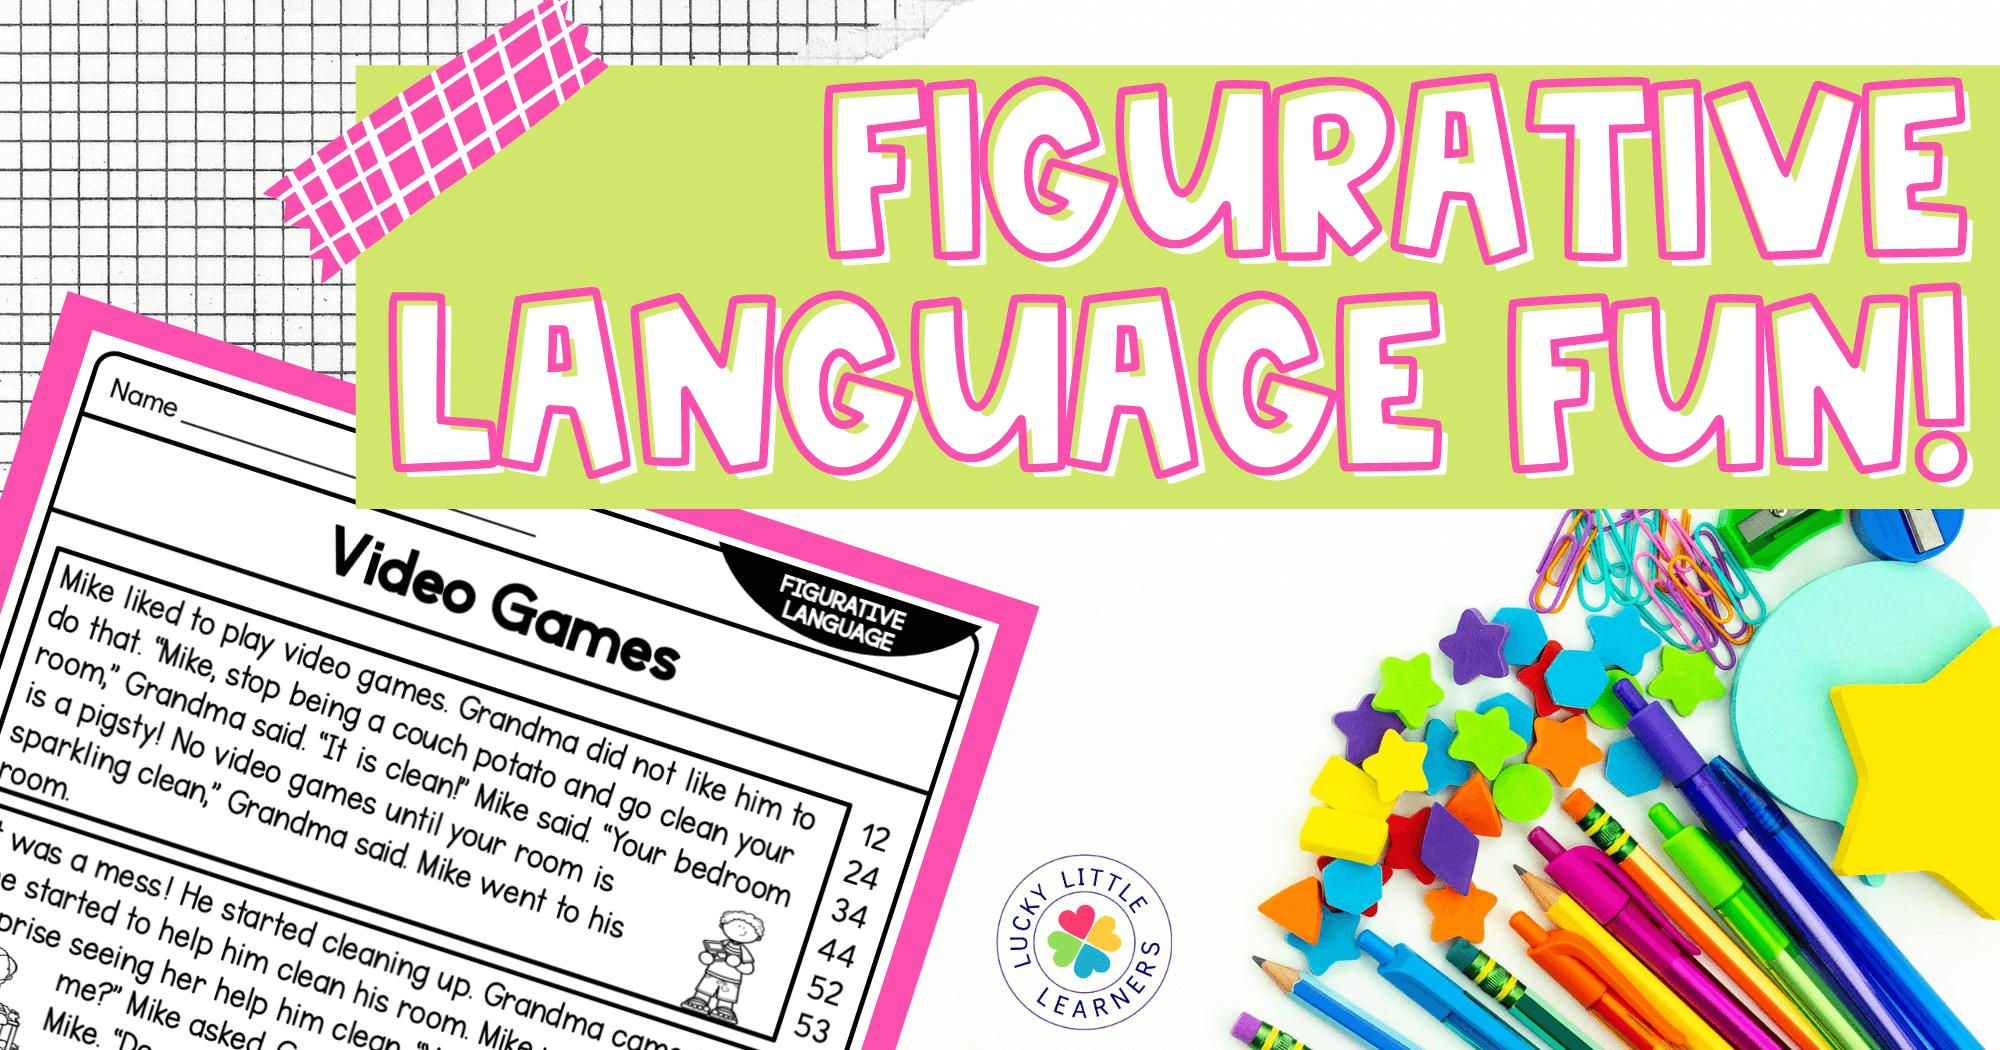 Figurative Language Fun!